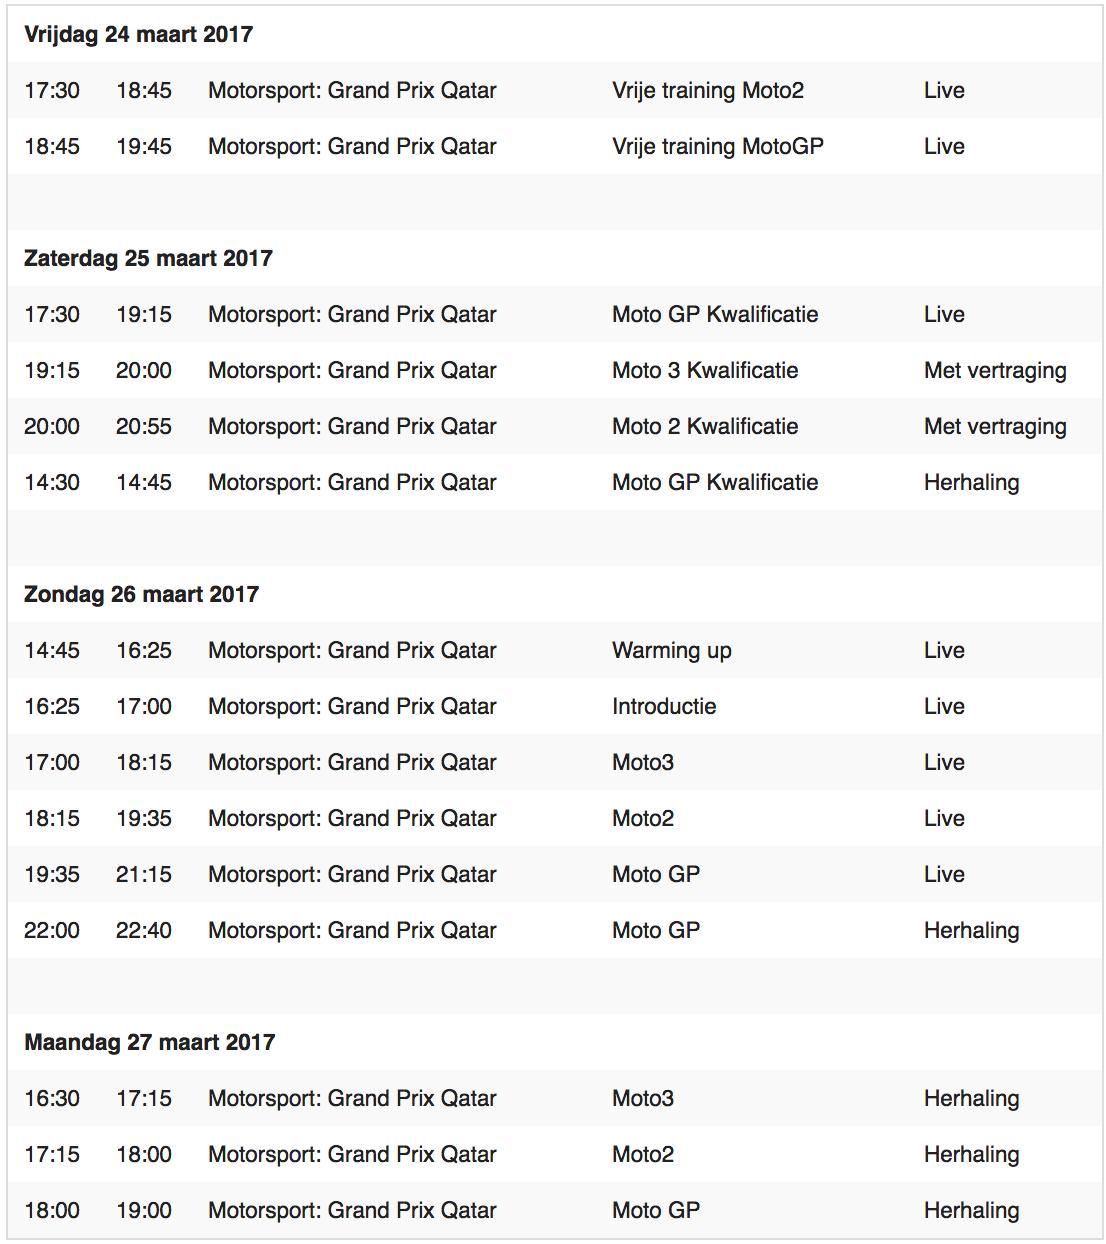 Uitzendschema Race 1 Motogp 2017 Qatar Eurosport